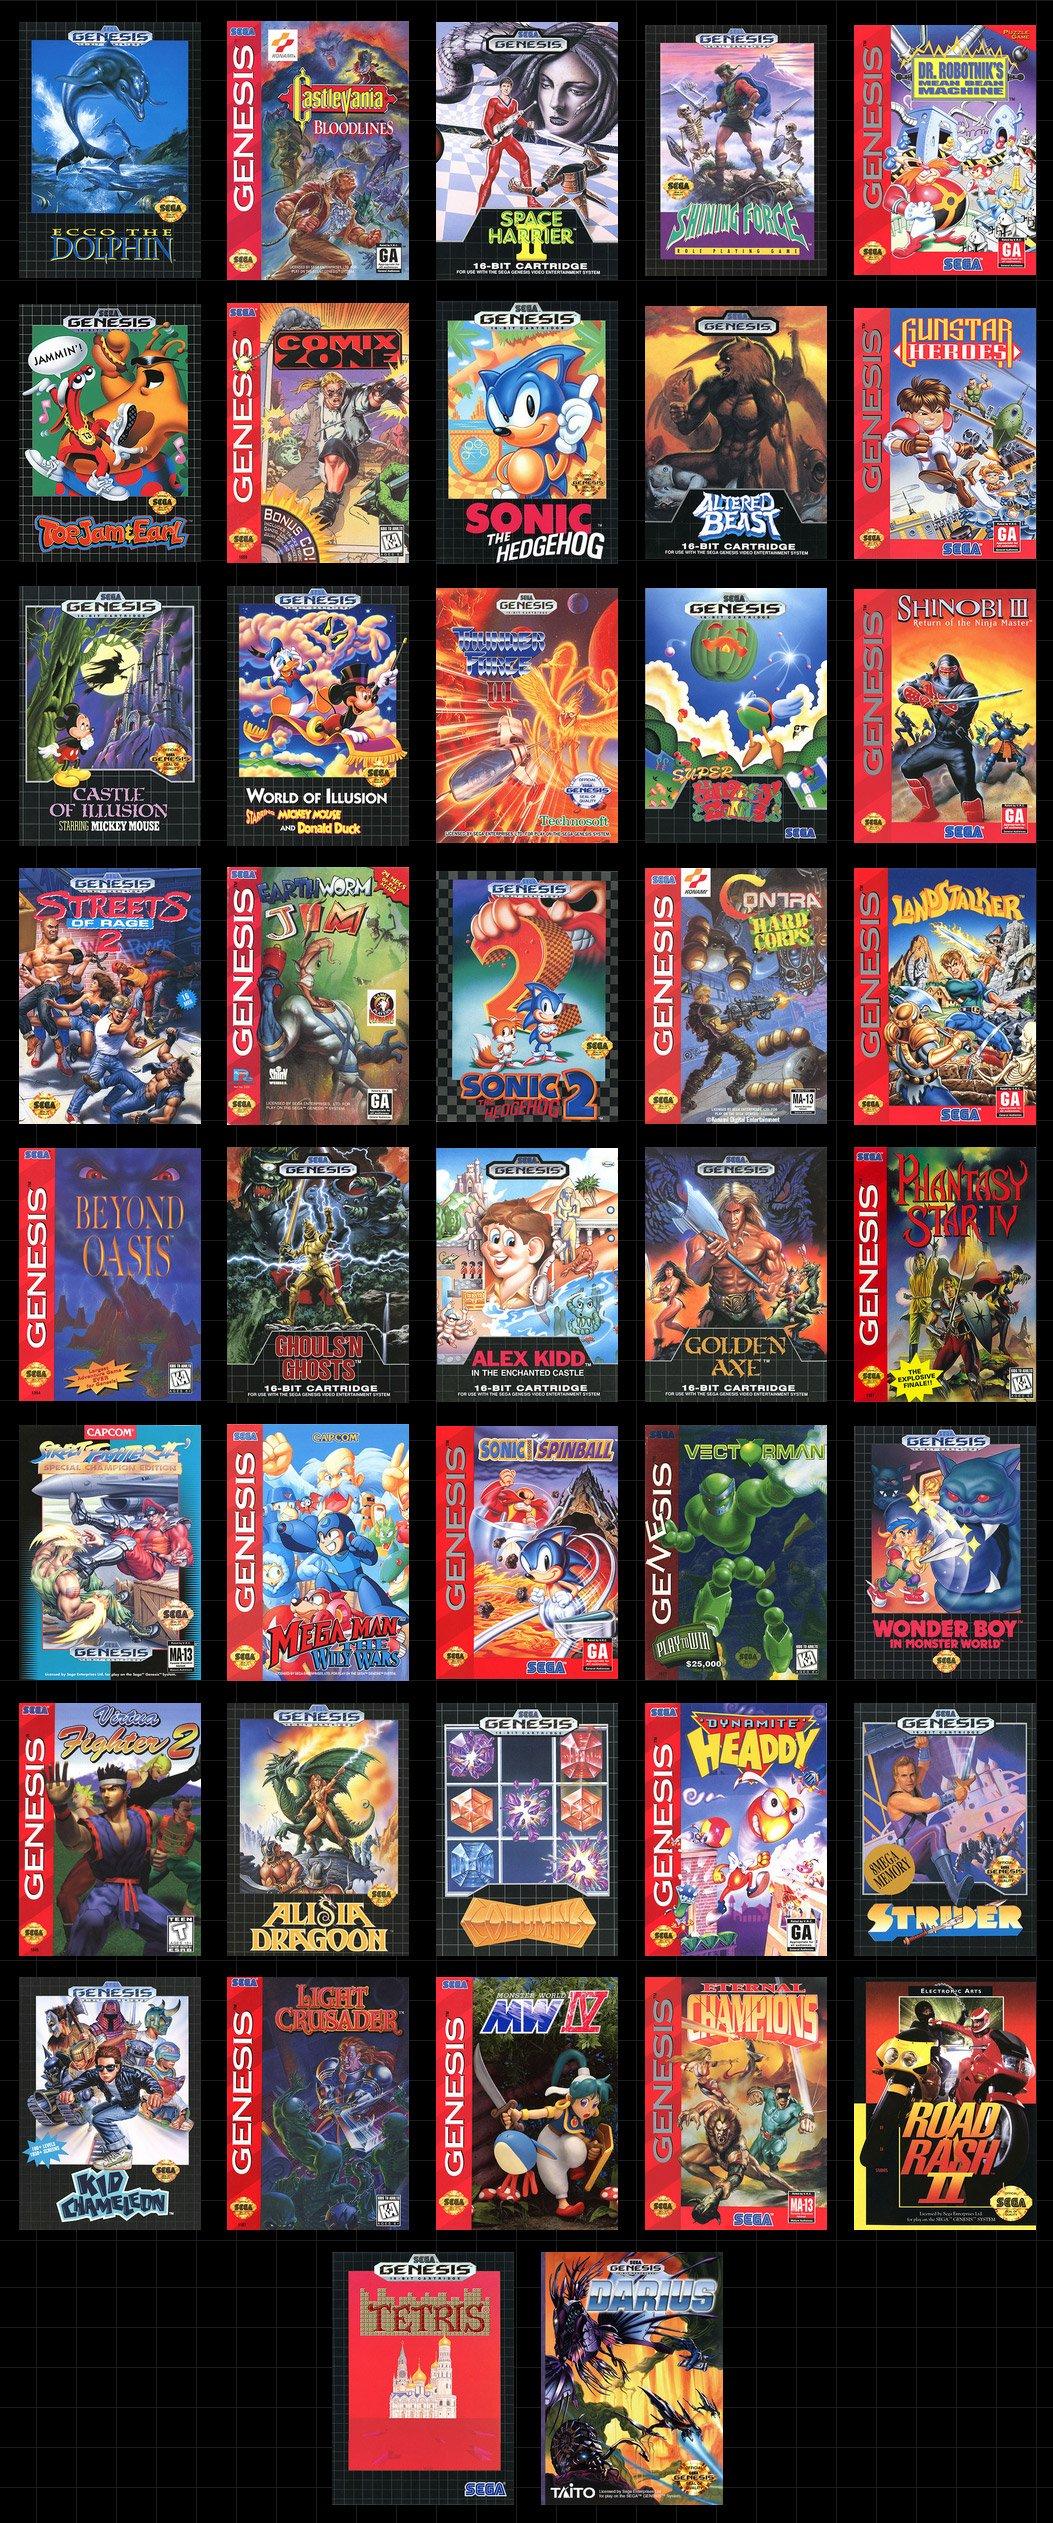 The full list of games for the Sega Genesis Mini